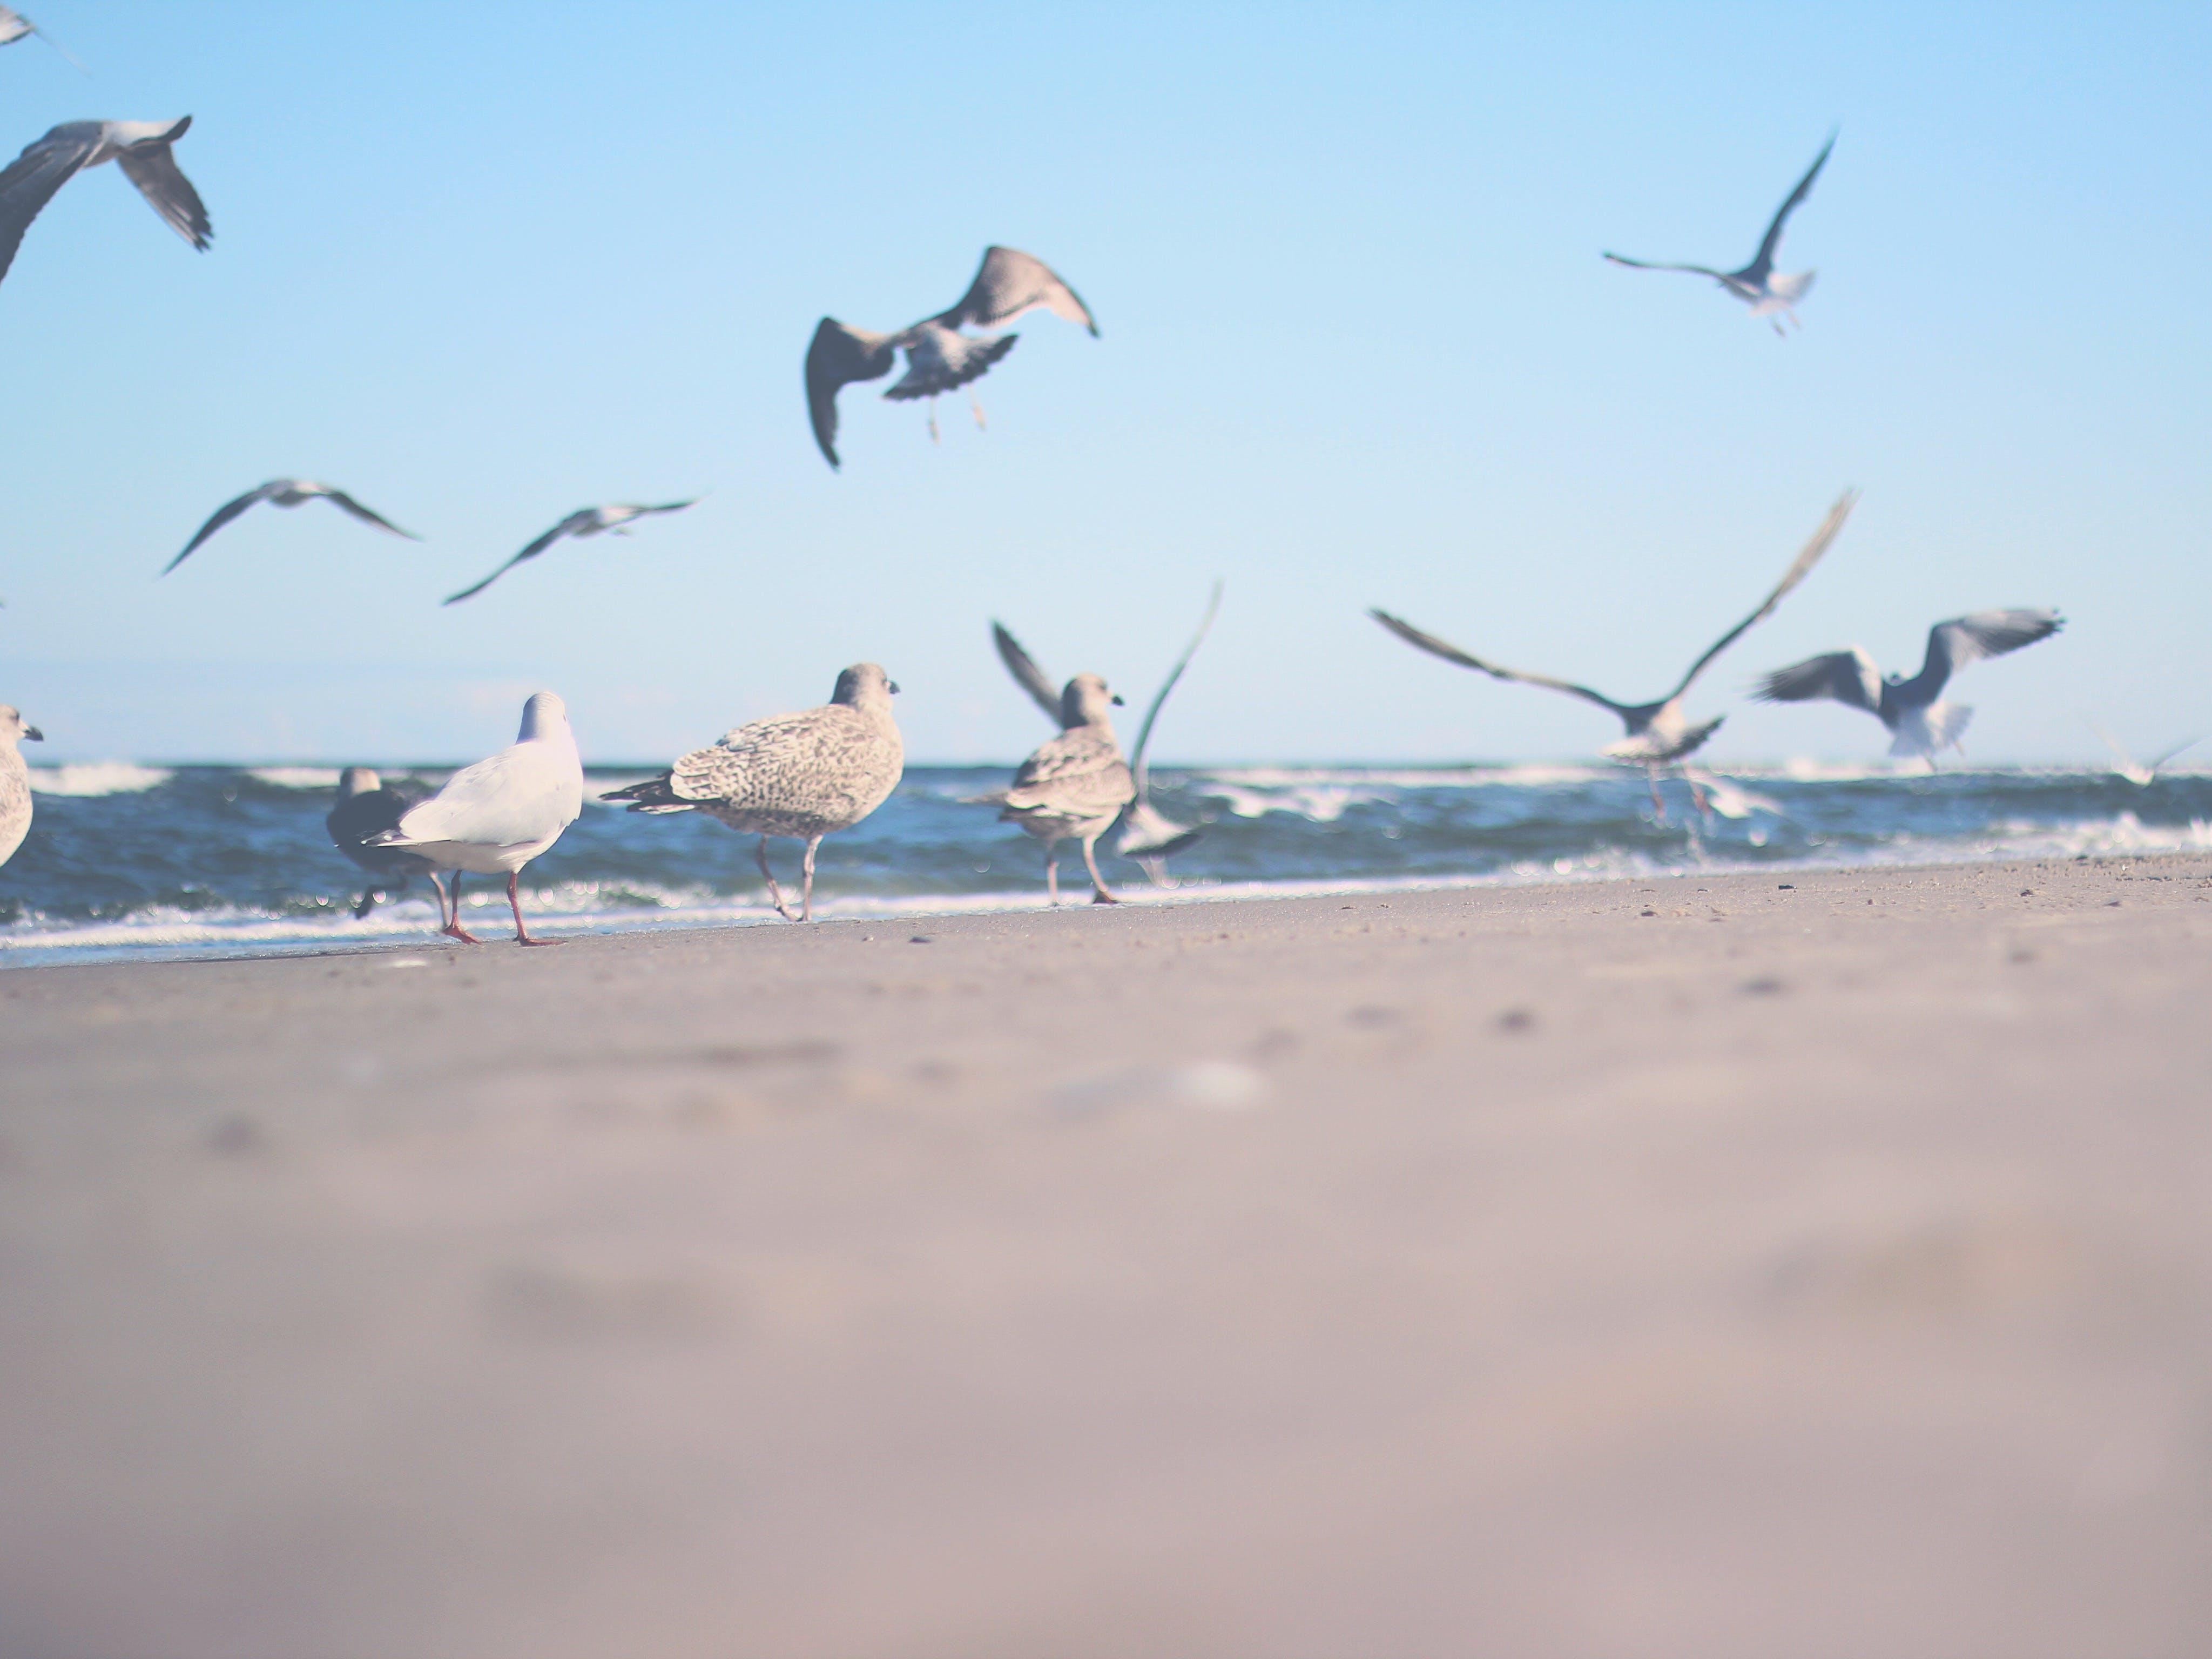 Flock of Gulls on Shore Near Ocean at Daytime